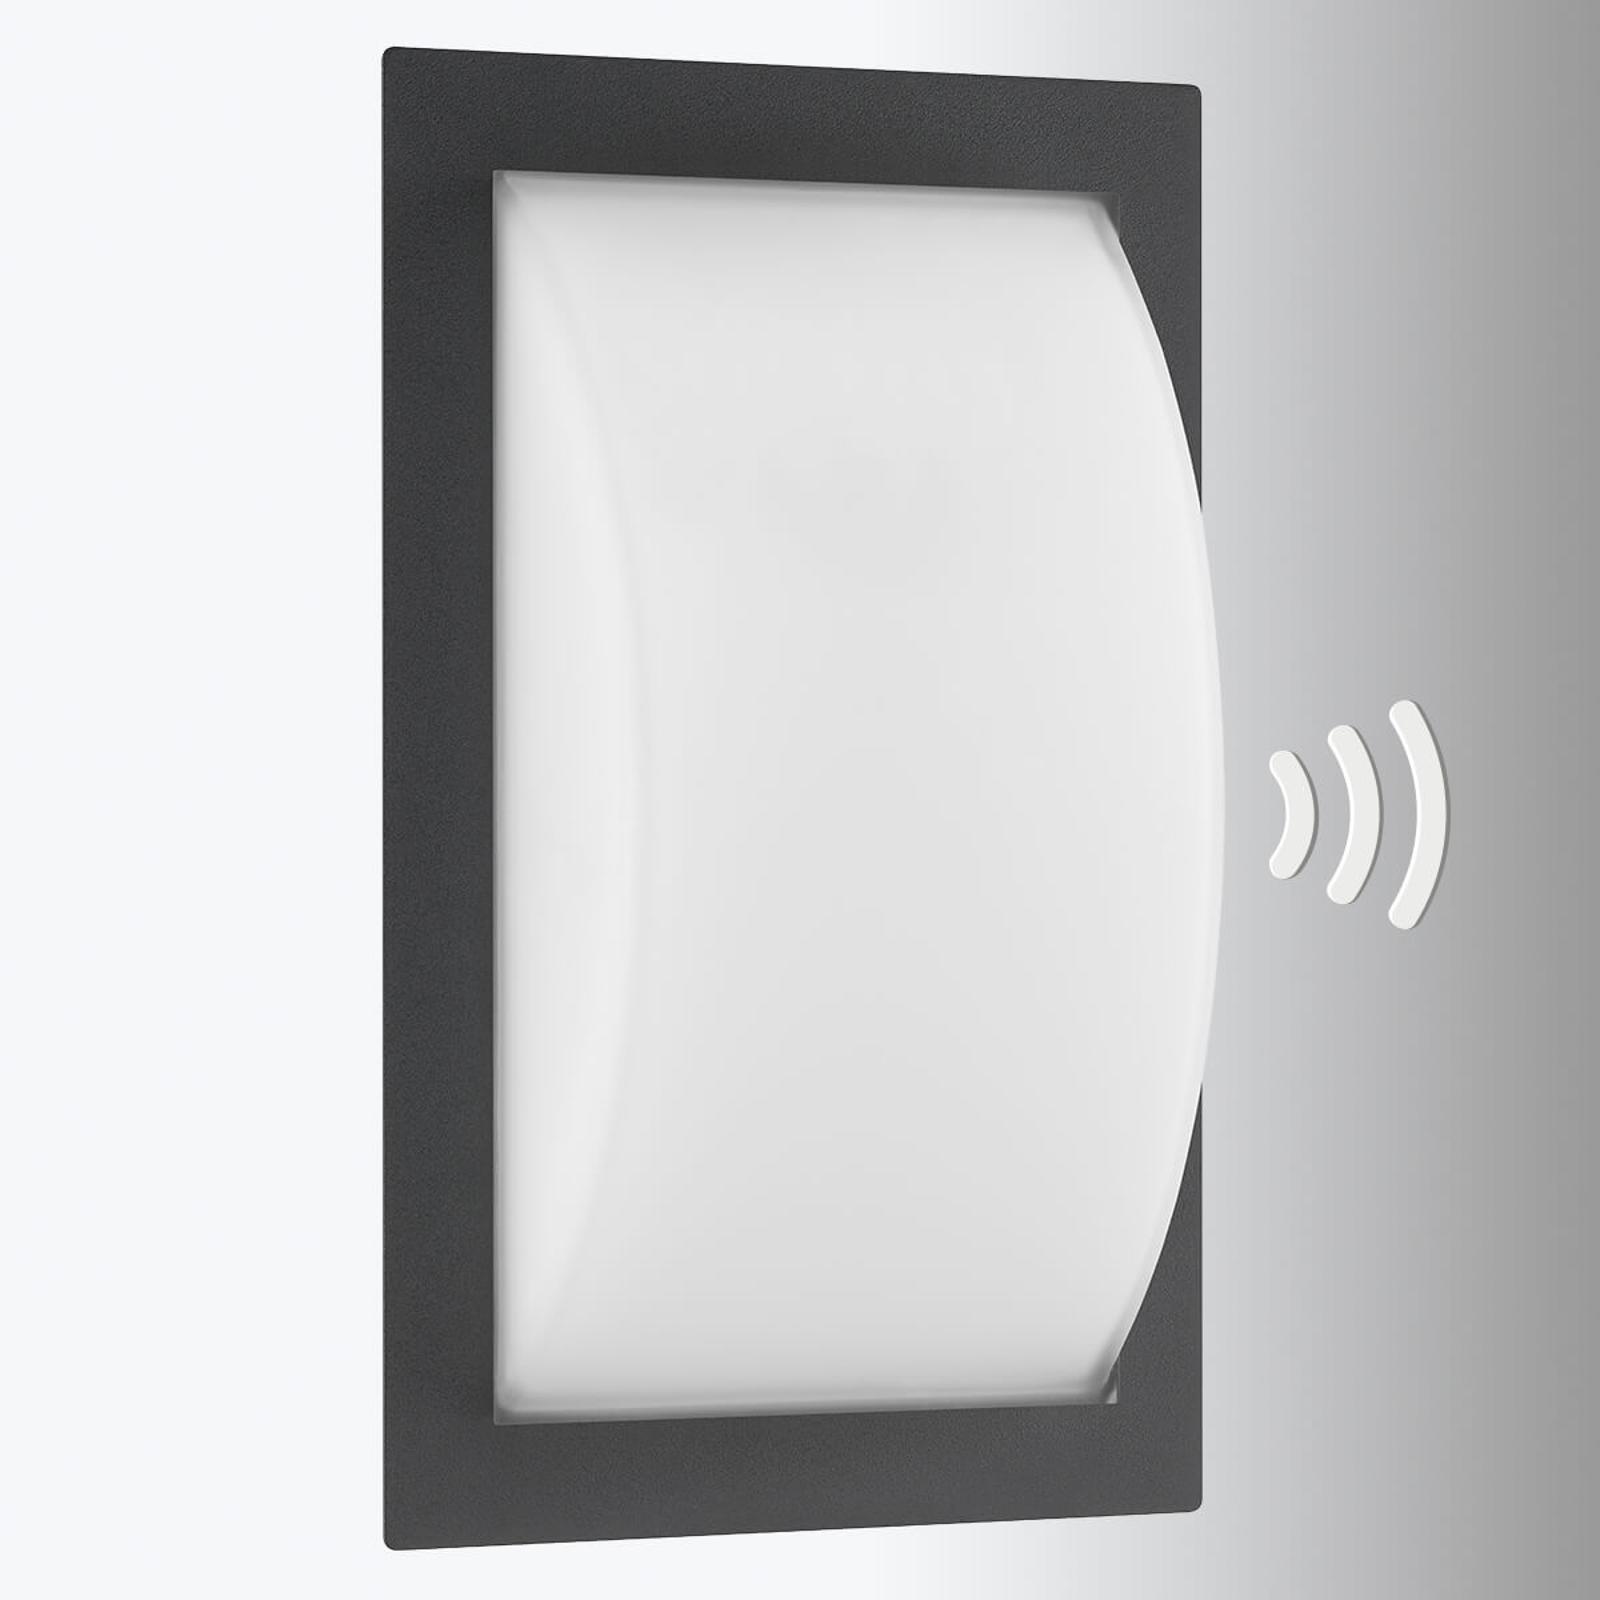 LED buitenwandlamp Ivett grafiet bewegingsmelder